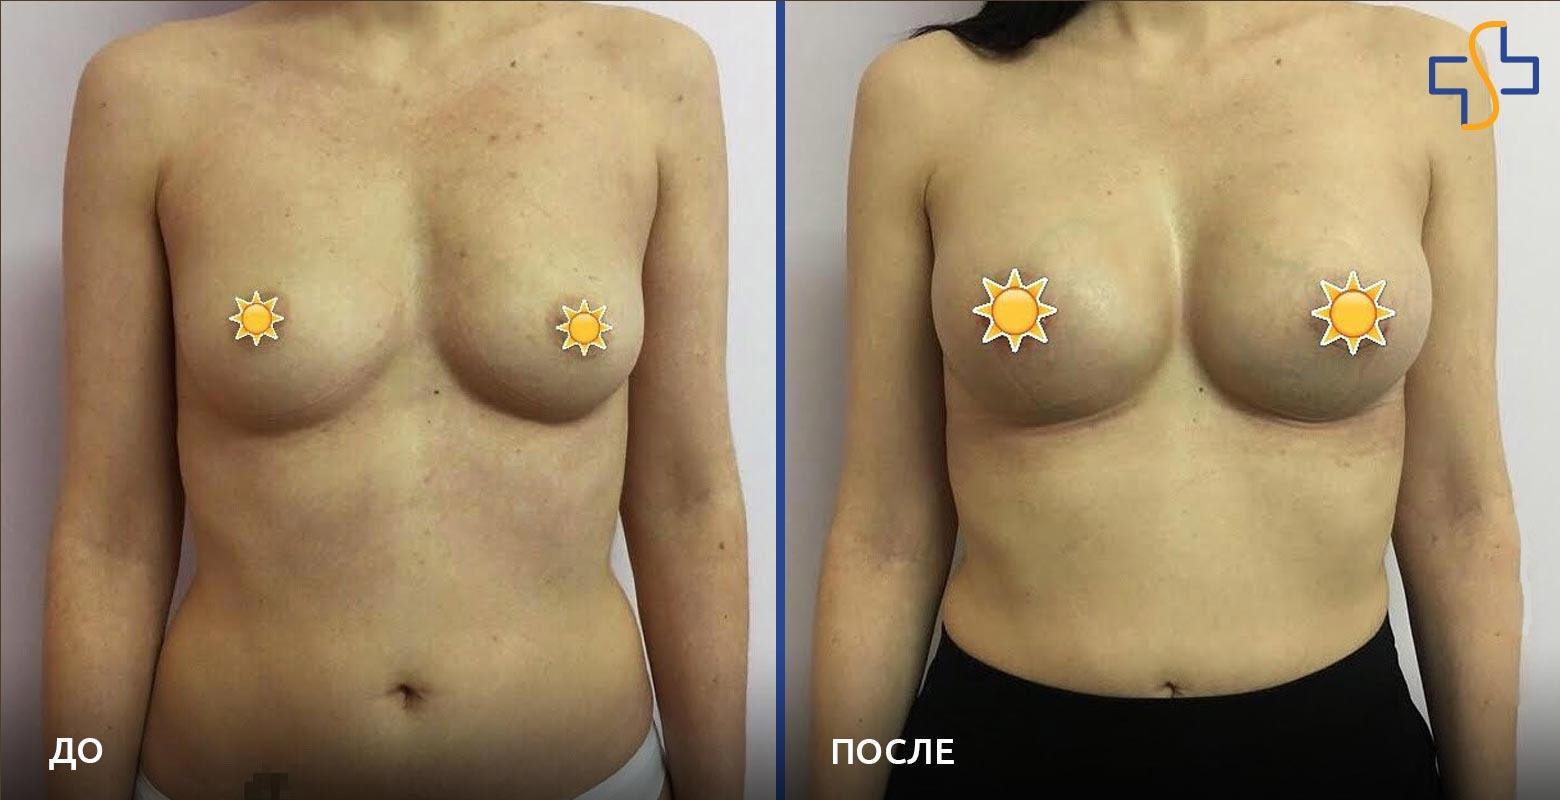 фото до и после проведённой операции по увеличению груди